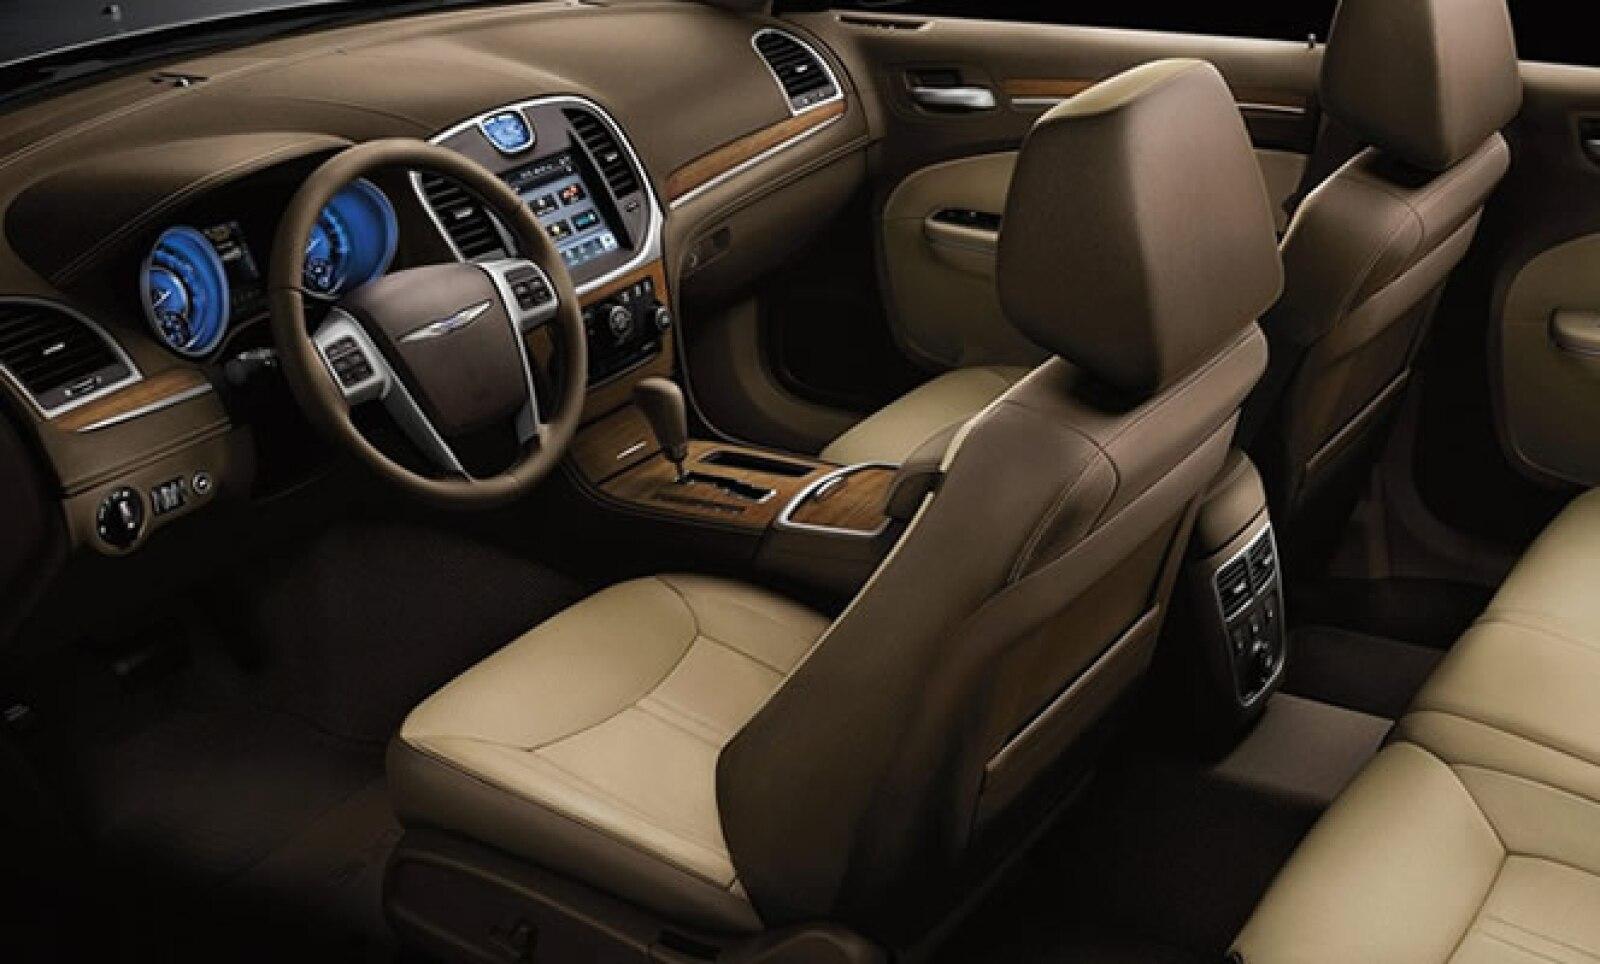 El interior de este modelo se ofrece con acabados de piel en color negro o 'mochachino', además de tener madera en su panel de manejo.